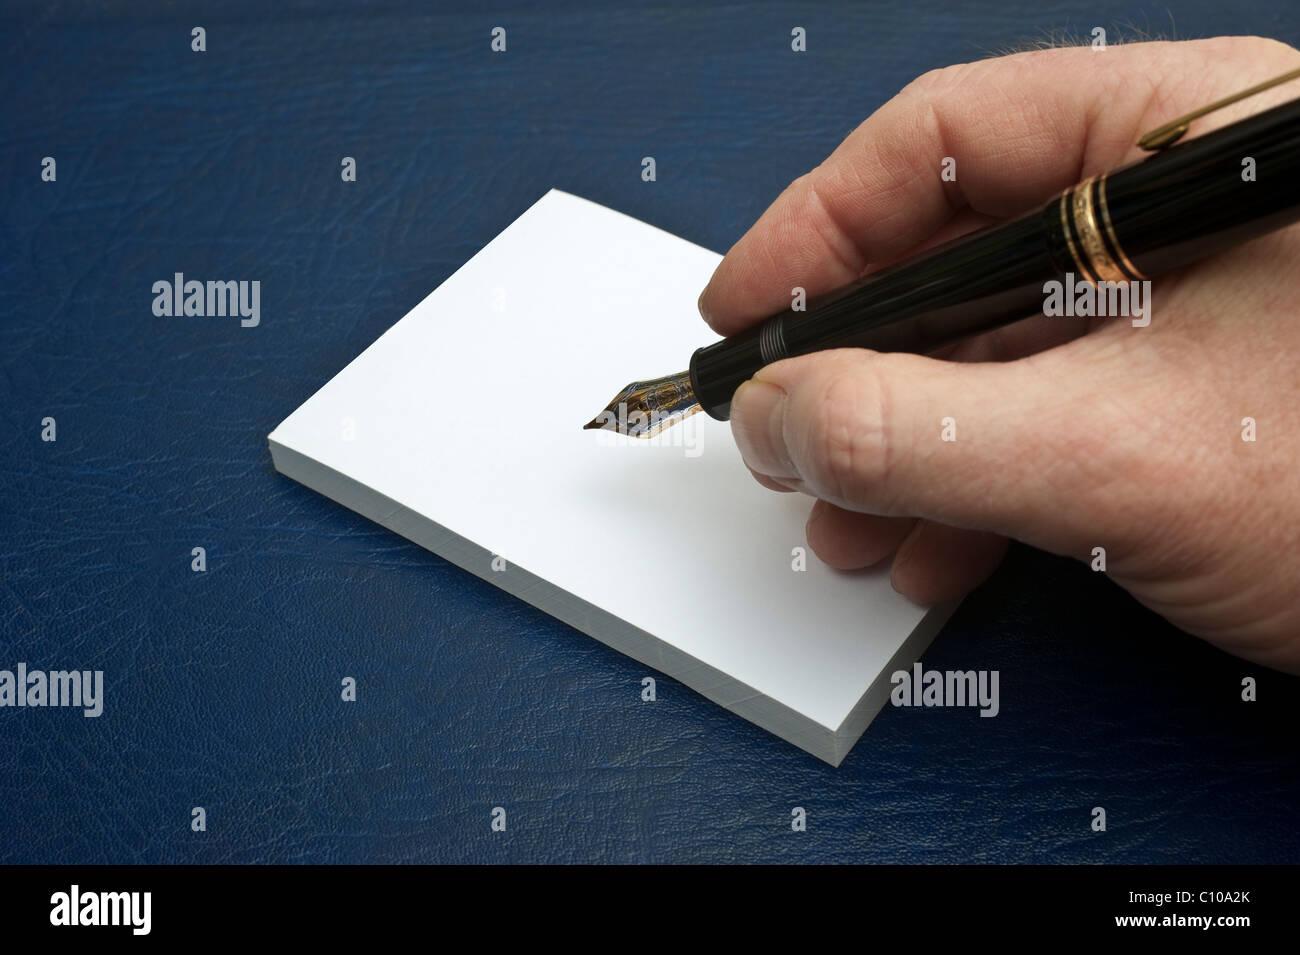 Eine männliche Hand, die einen Montblanc Meisterstuck 149 Füllfederhalter zu schreiben auf eine weiße Stockbild